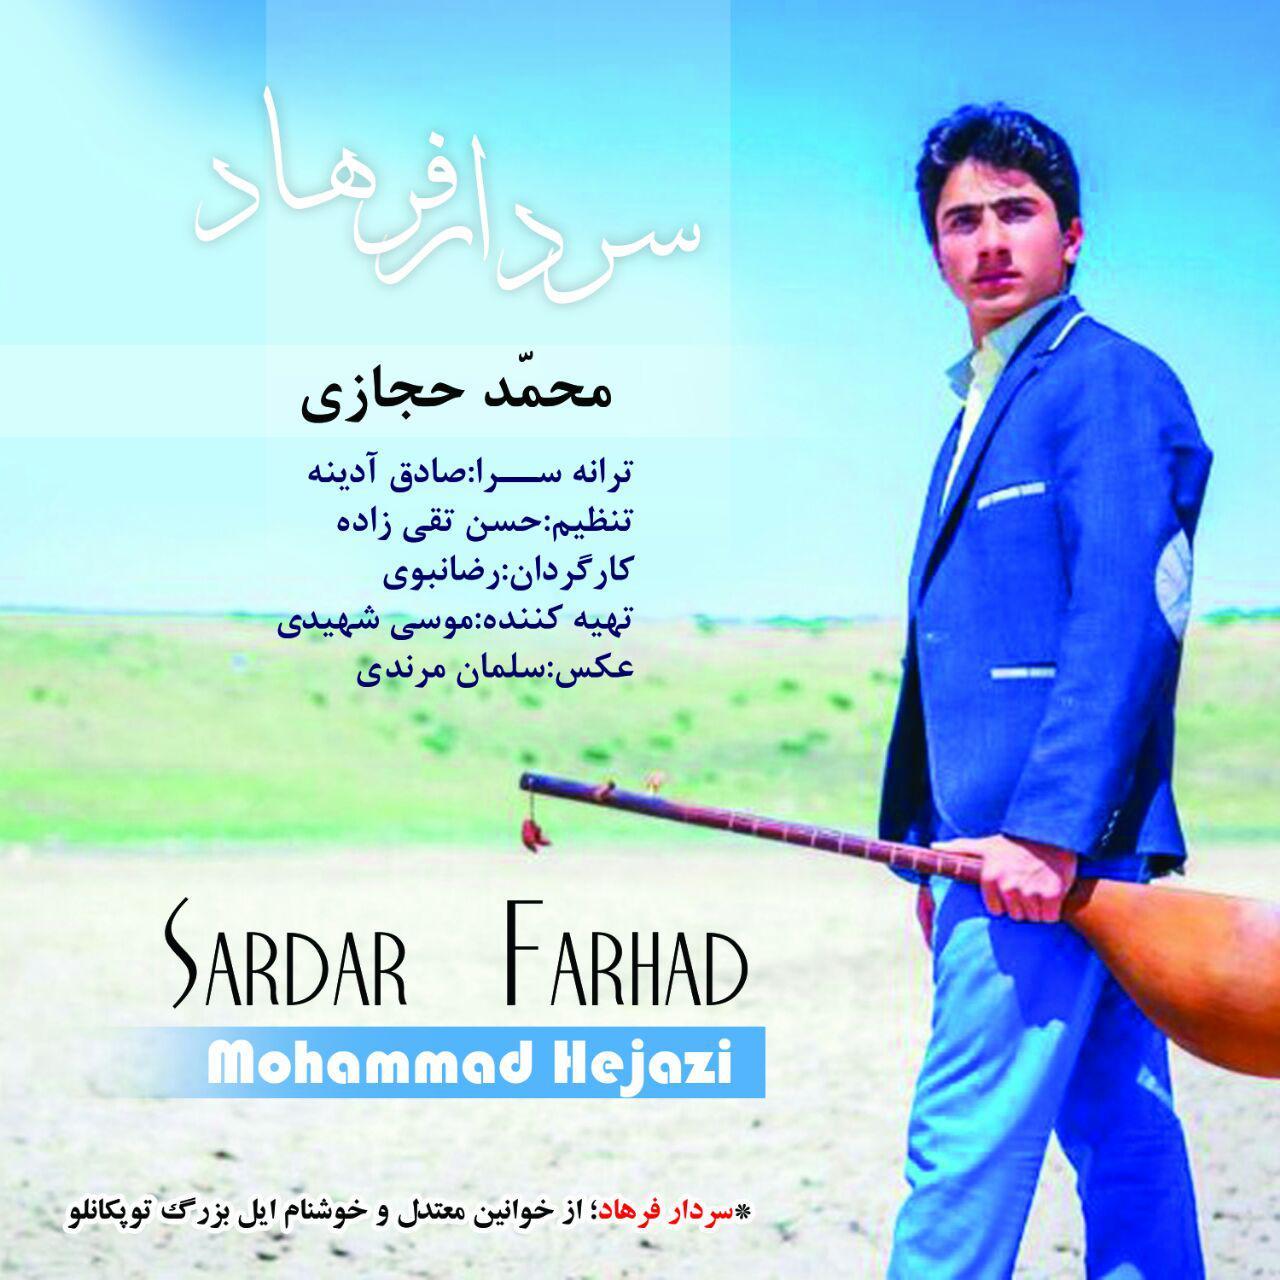 دانلود آهنگ جدید محمد حجازی به نام سردار فرهاد